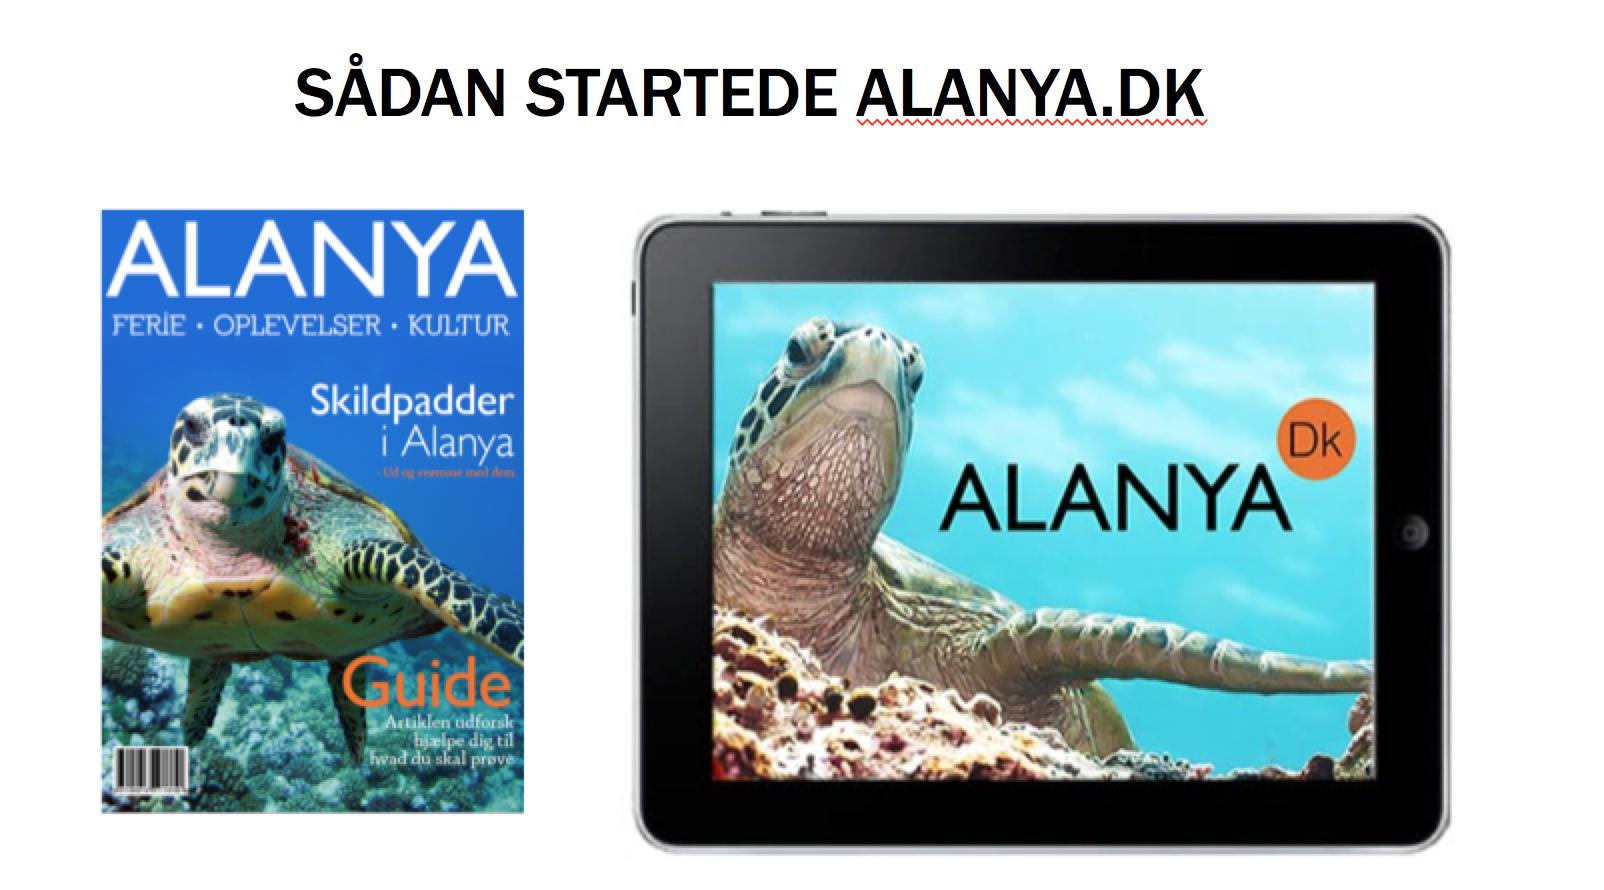 alanya.dk, dansk firma i tyrkiet, dansk firma i Alanya, foredrag om danske firmaer i udlandet,